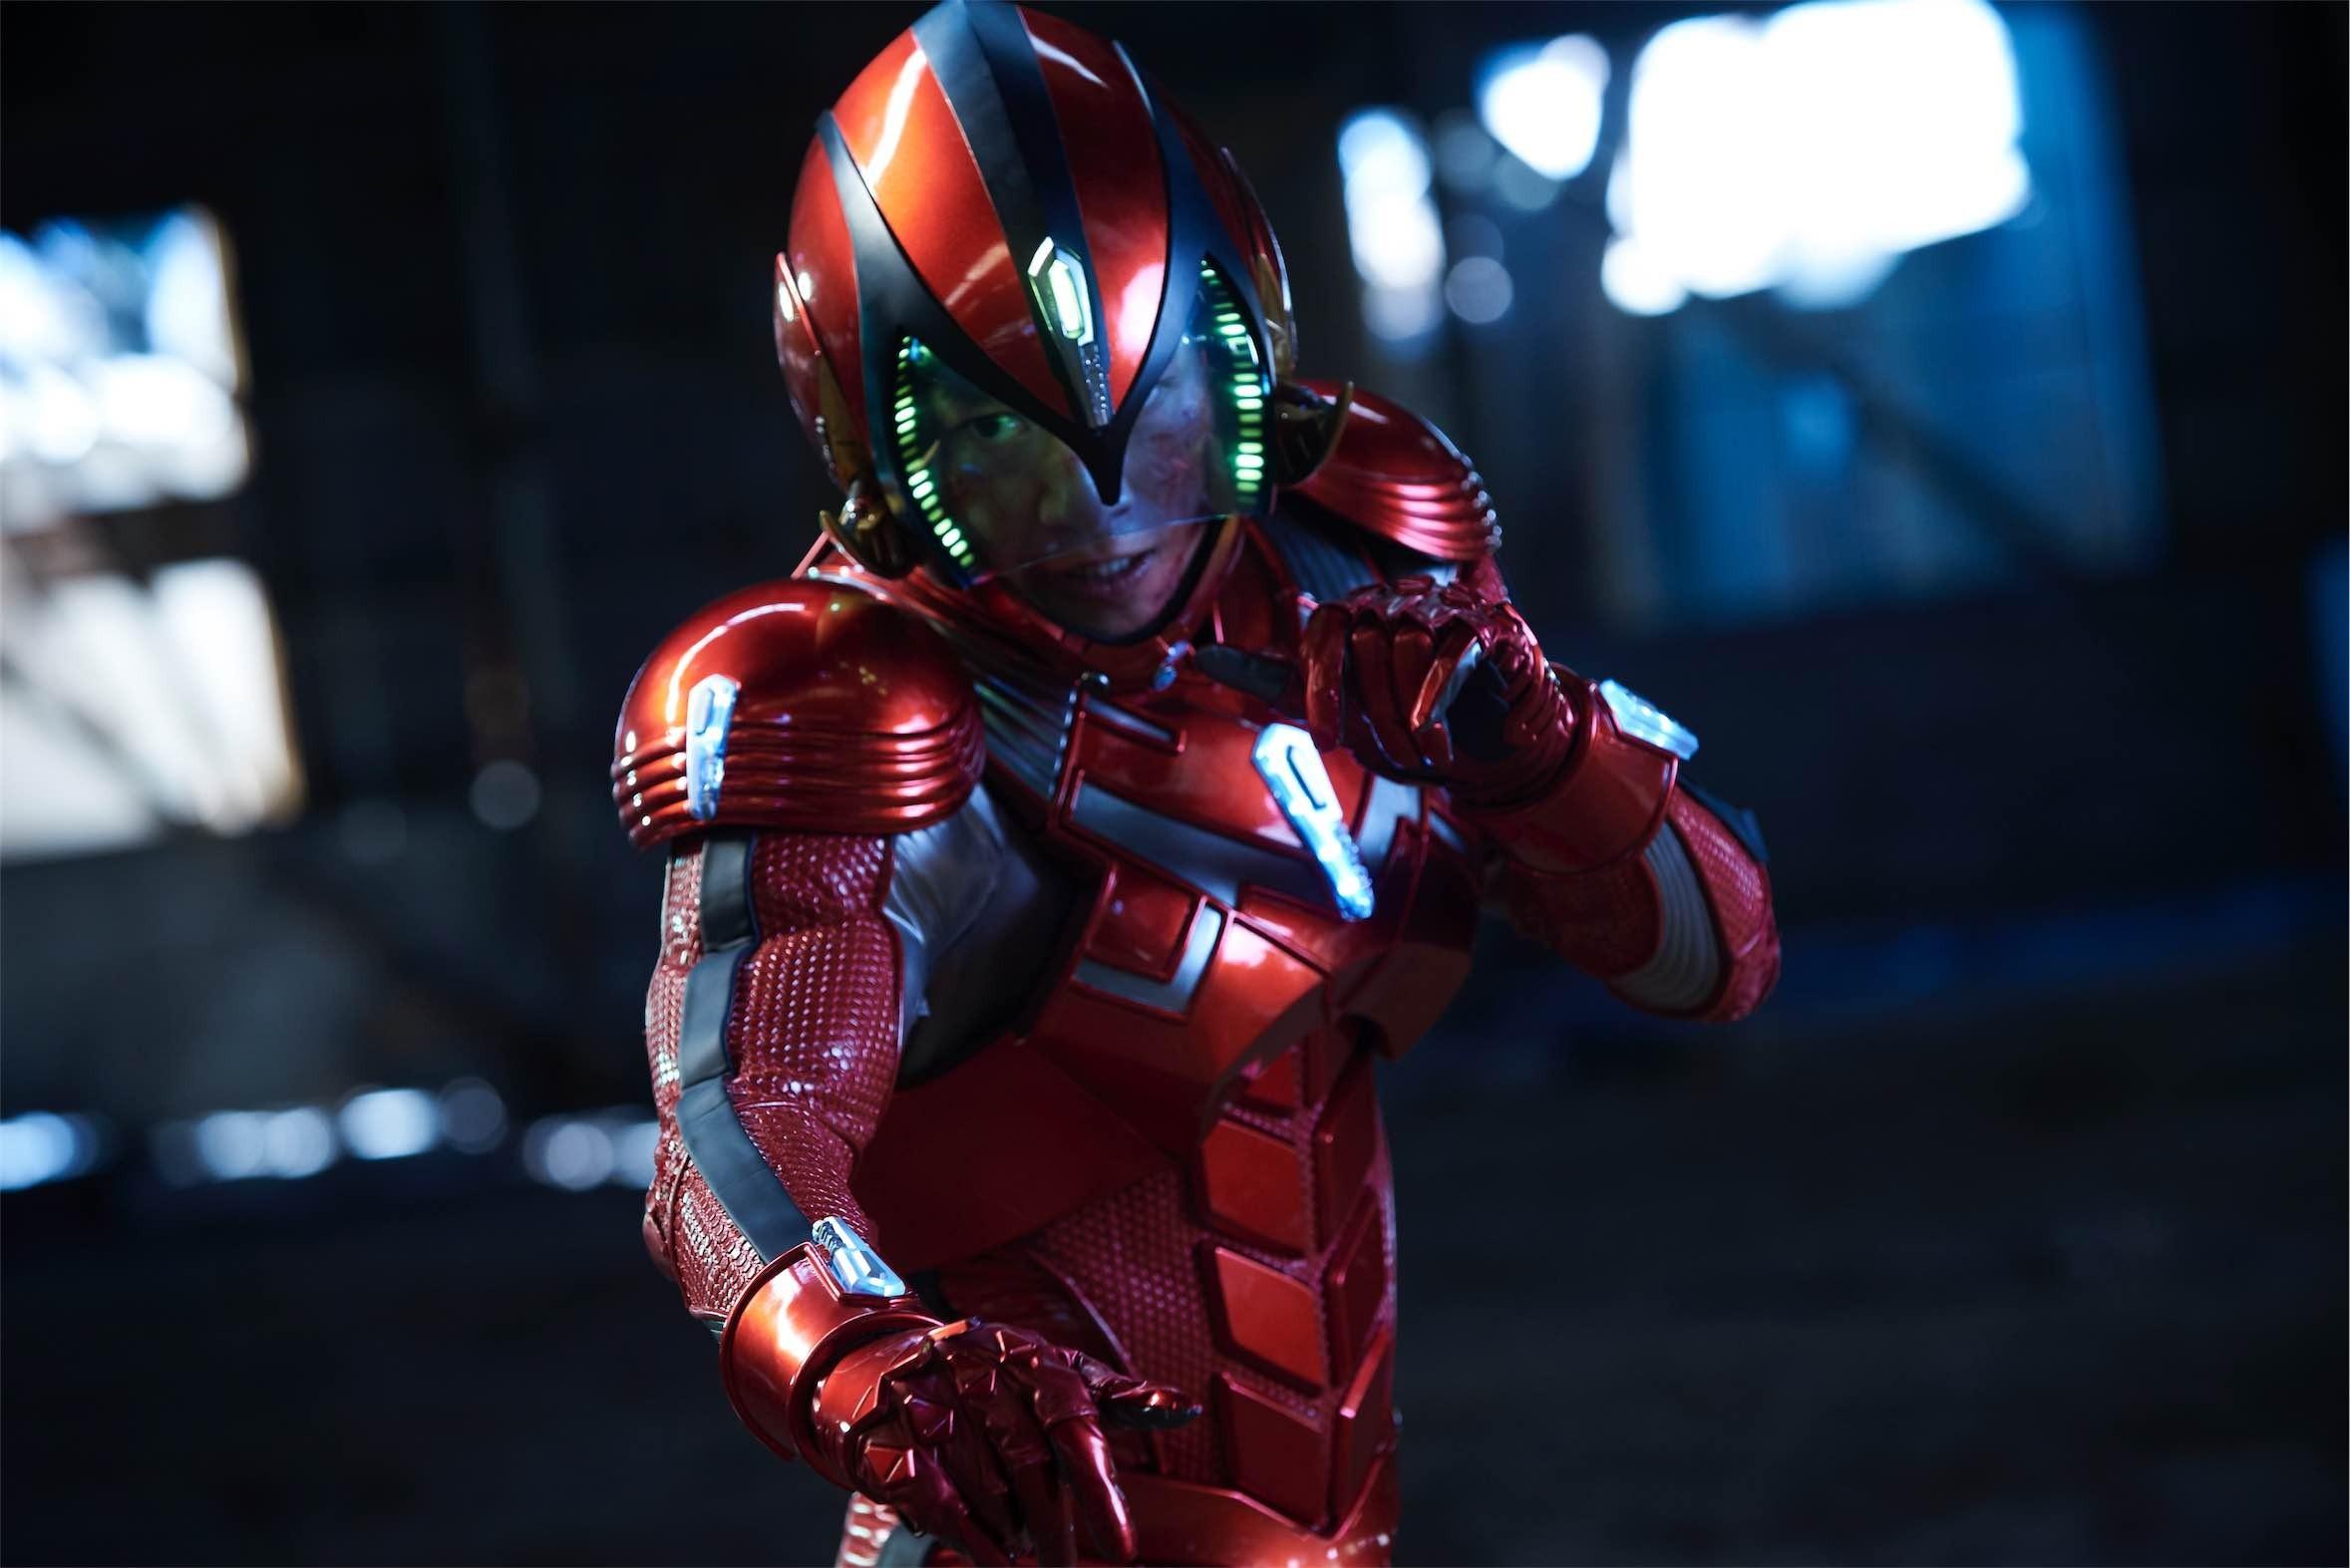 『破裏拳ポリマー』では、坂本監督のアクション指導の下、溝端淳平が鎧武士=ポリマーを熱演